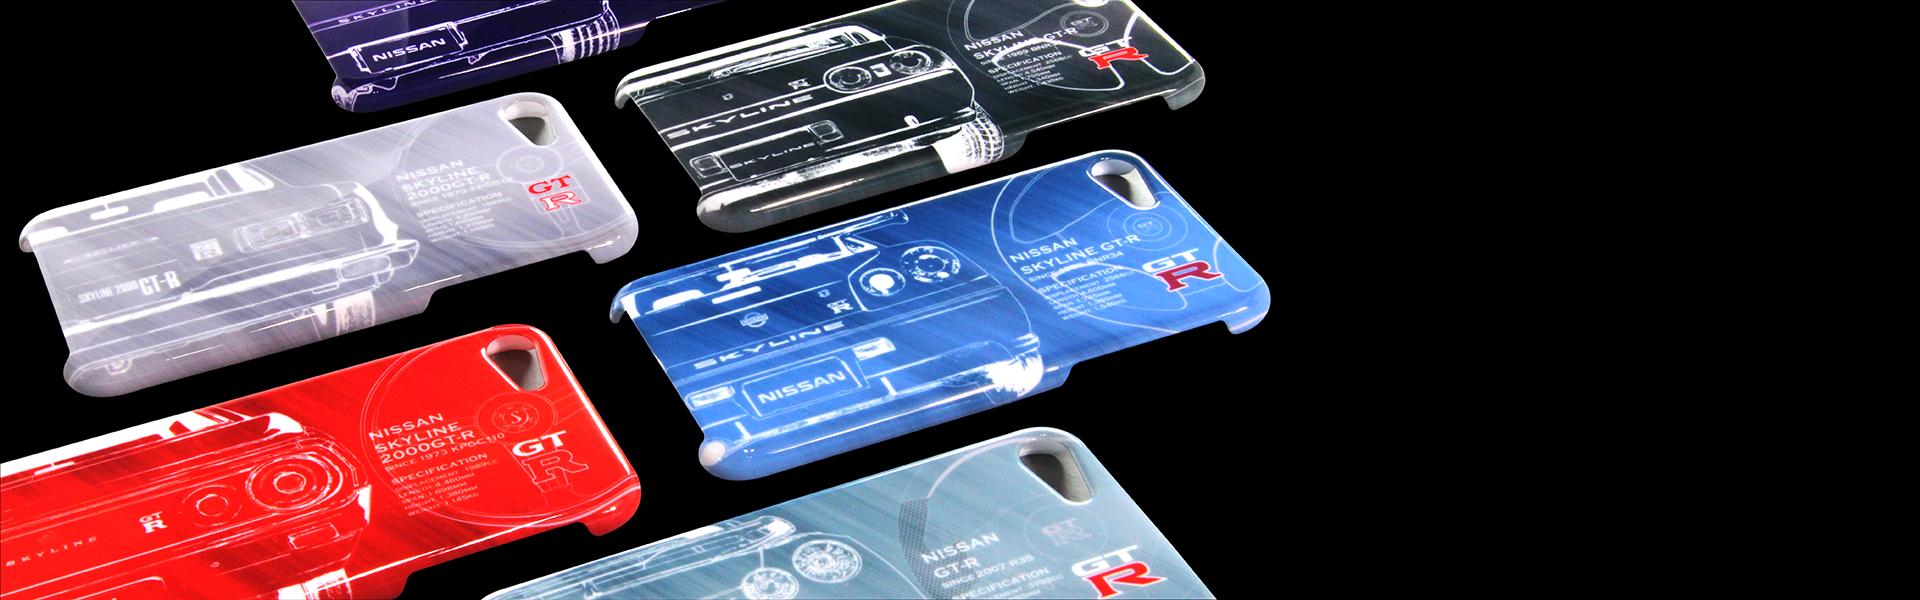 GT-R ポリカーボネートiPhoneケース